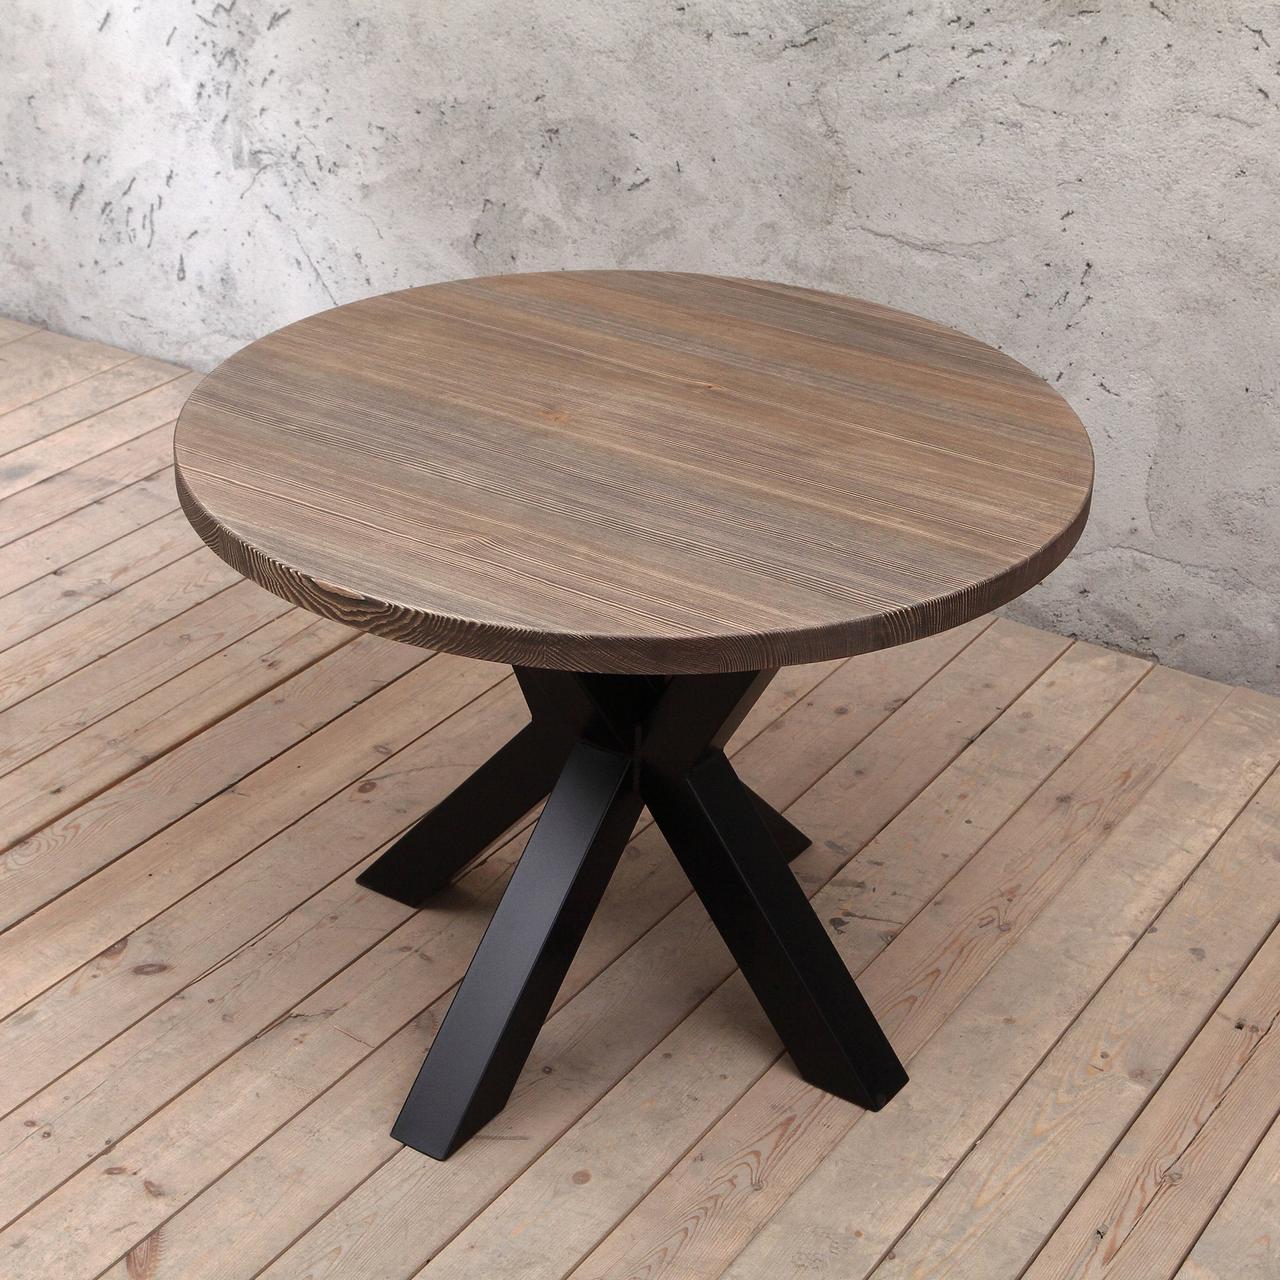 Круглый столик из дерева от производителя DomRom